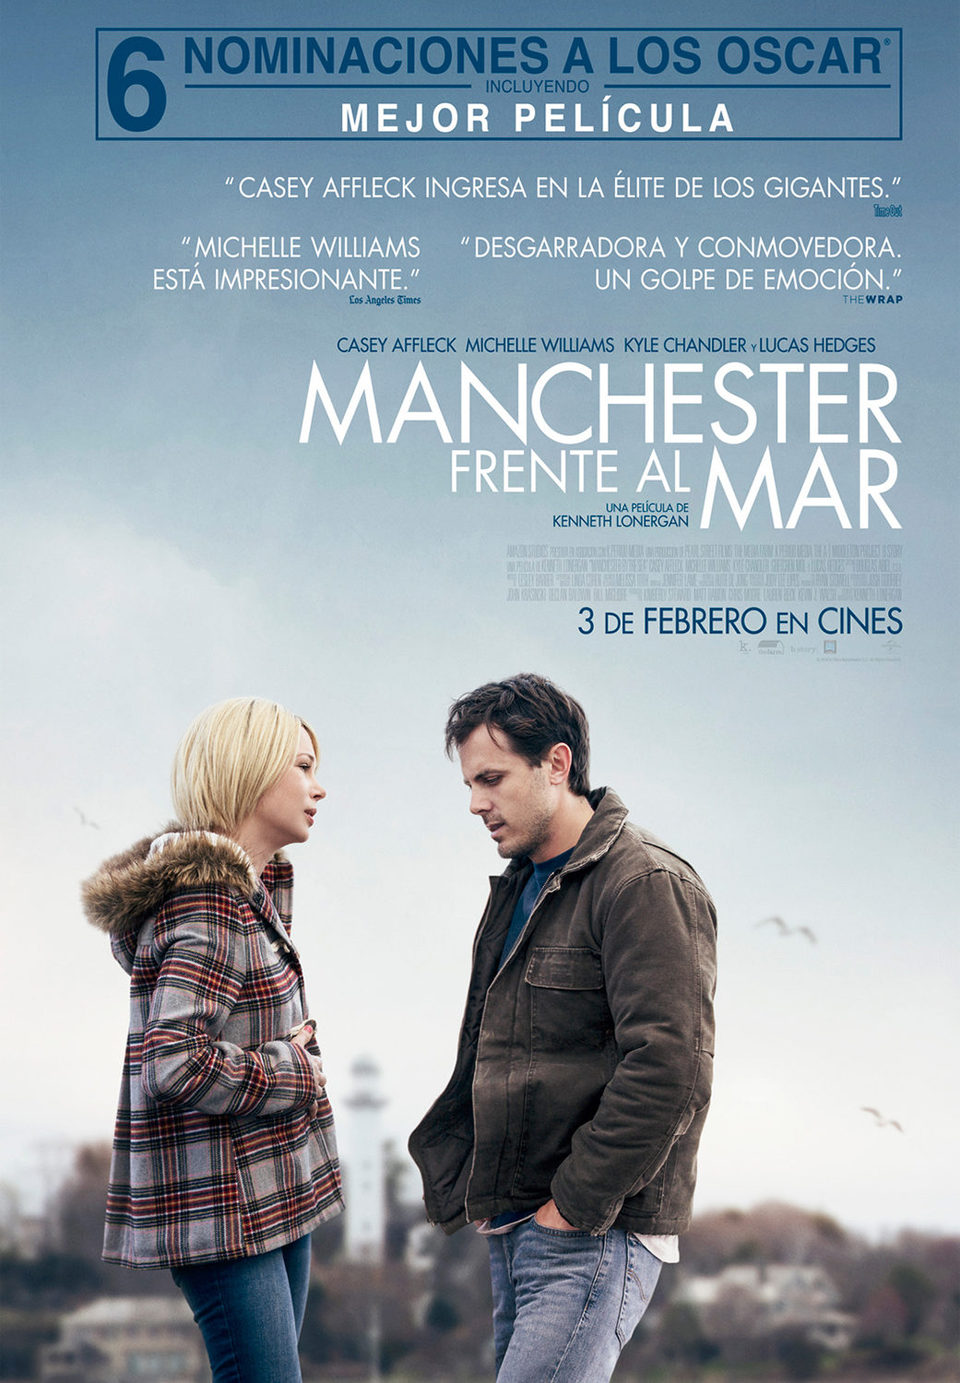 Cartel España #2 de 'Manchester frente al mar'